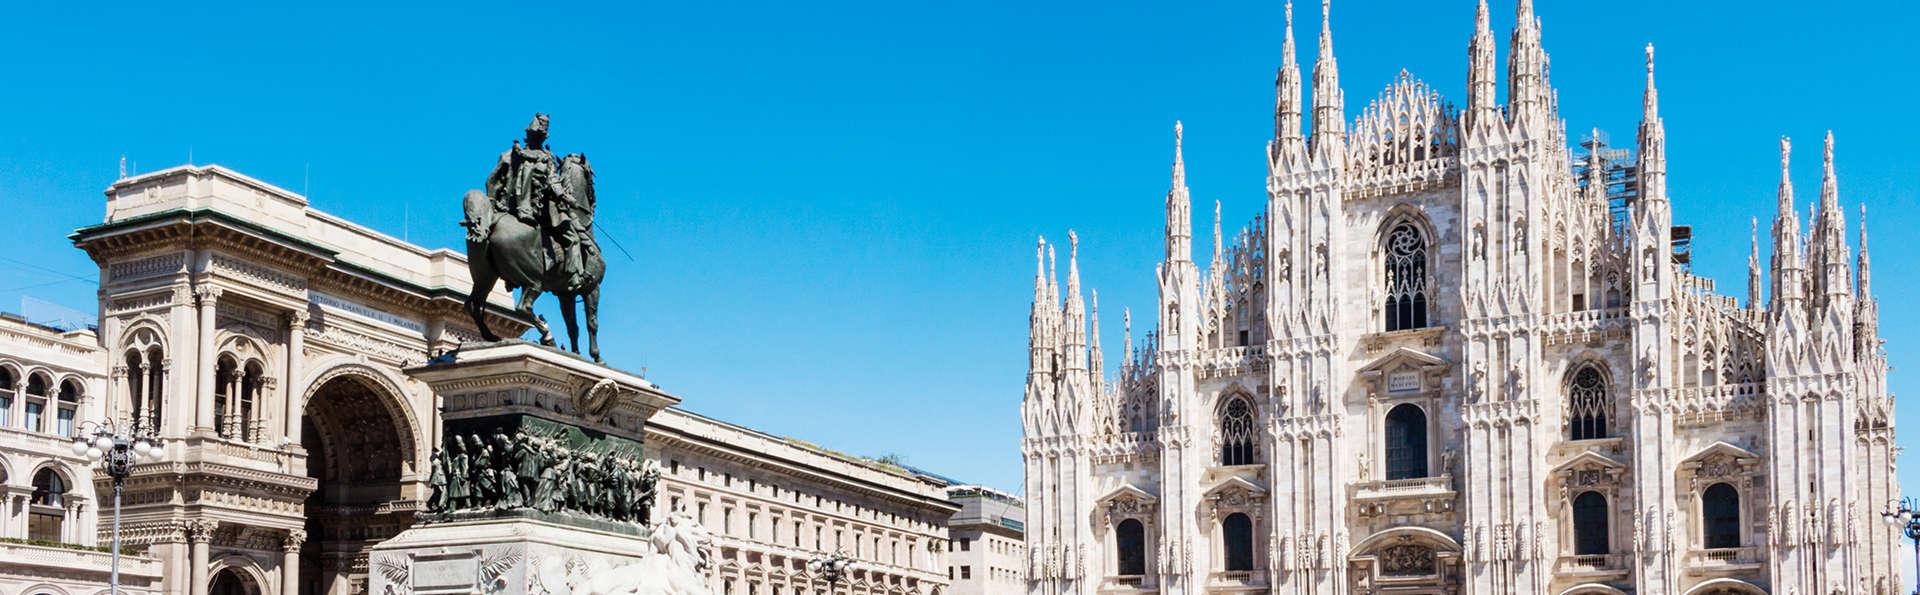 Style et élégance aux portes de Milan